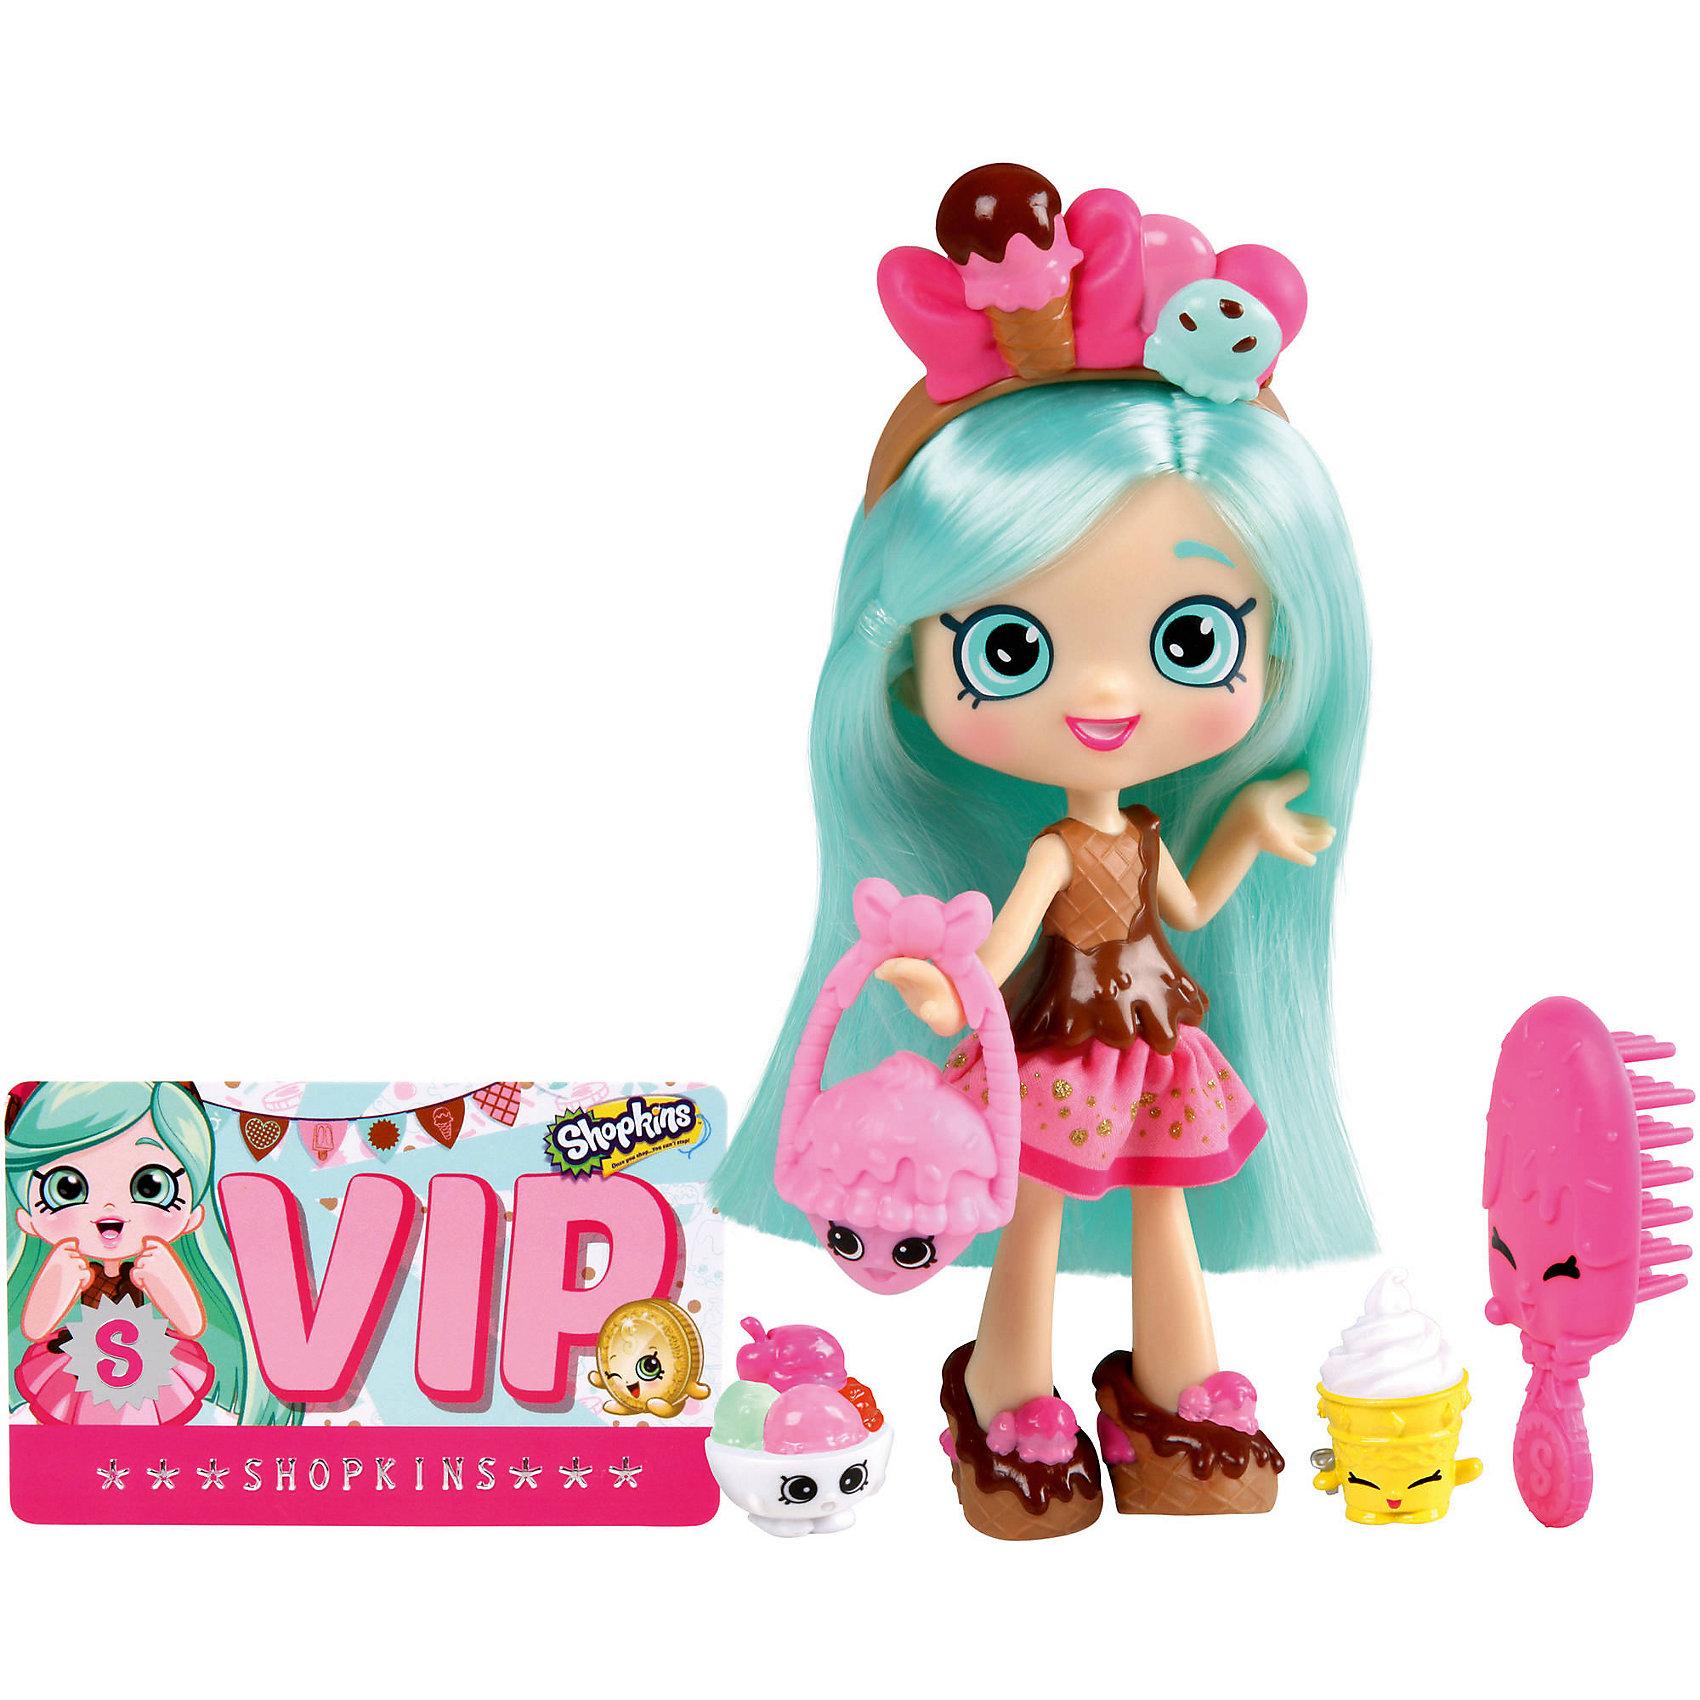 Кукла Пеппа-Минт с аксессуарами, ShopkinsШопкинс - это любимые герои многих современных детей! Кукла в виде героини этого мультфильма Пеппы-Минт обязательно порадует ребенка, тем более, что она дополнена стильным нарядом и аксессуарами.<br>Такие игрушки способствуют развитию мелкой моторики, мышления и социальных навыков. Также куклы помогают девочкам научиться ухаживать за собой и за другими. Сделана из материалов, безопасных для детей.<br><br>Дополнительная информация:<br><br>комплектация: кукла, сумочка, 2 эксклюзивных Shopkins, расческа, VIP карточка и подставка для куклы;<br>рекомендуемый возраст: от трех лет;<br>материал: полимер.<br><br>Куклу Пеппа-Минт с аксессуарами от бренда Shopkins (Шопкинс) можно купить в нашем интернет-магазине.<br><br>Ширина мм: 68<br>Глубина мм: 170<br>Высота мм: 250<br>Вес г: 250<br>Возраст от месяцев: 36<br>Возраст до месяцев: 120<br>Пол: Женский<br>Возраст: Детский<br>SKU: 5055350